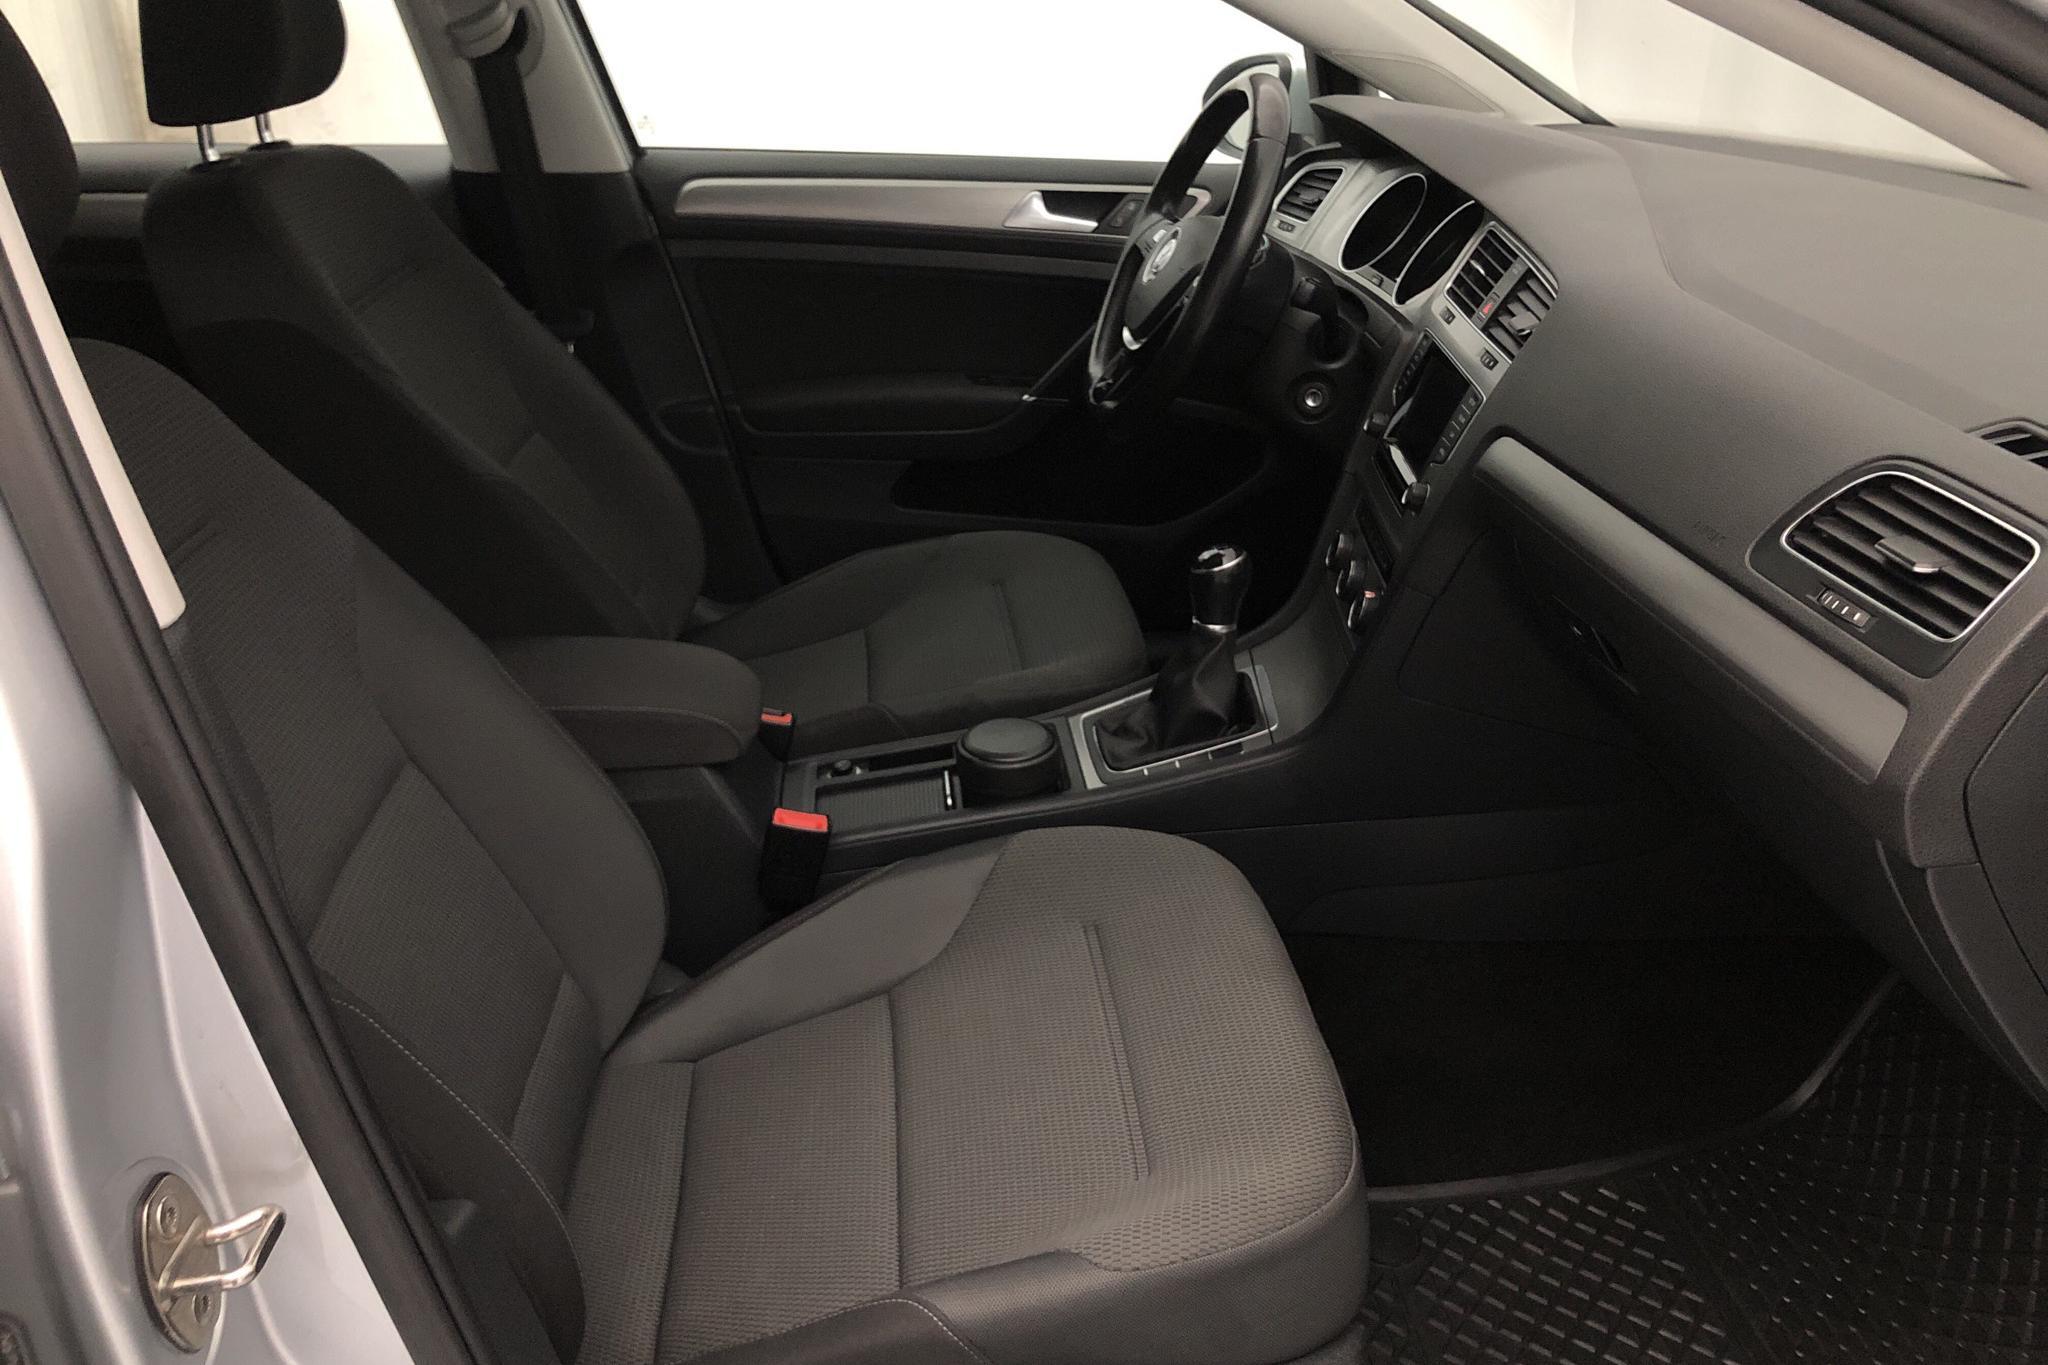 VW Golf VII 1.2 TSI 5dr (105hk) - 102 510 km - Manual - silver - 2015